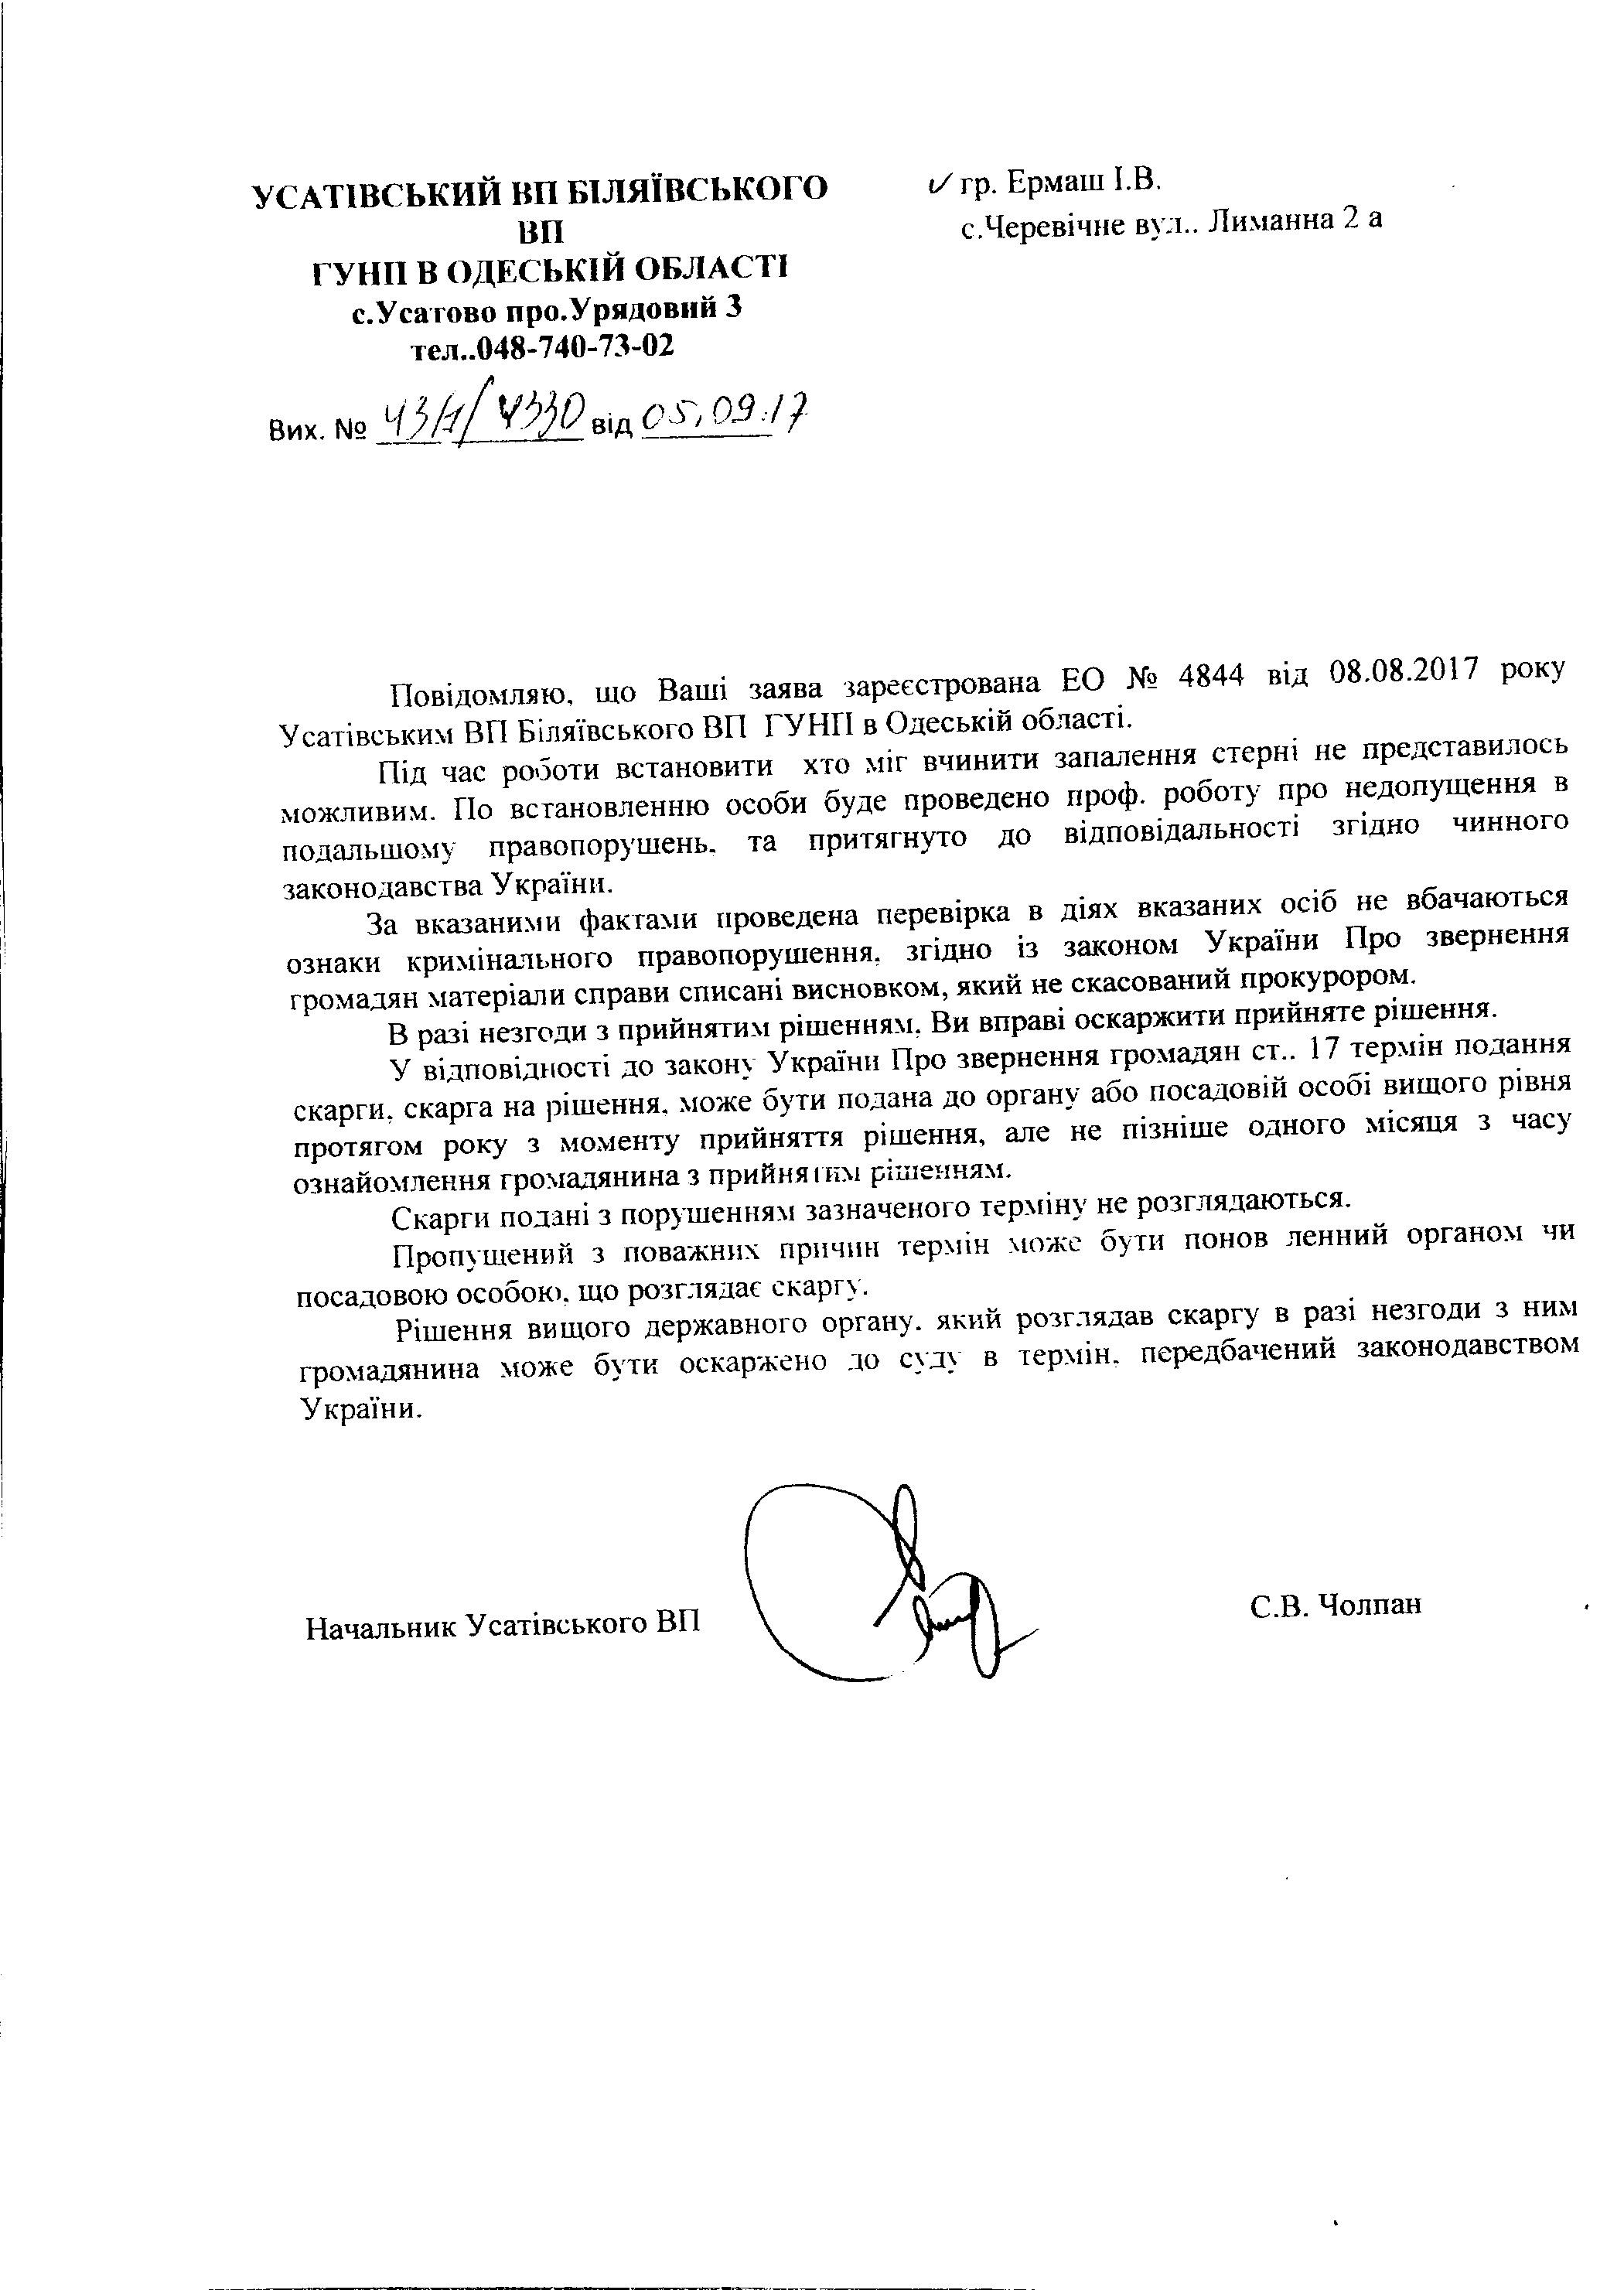 Відмова_Усатова_на_заяву_ермаш